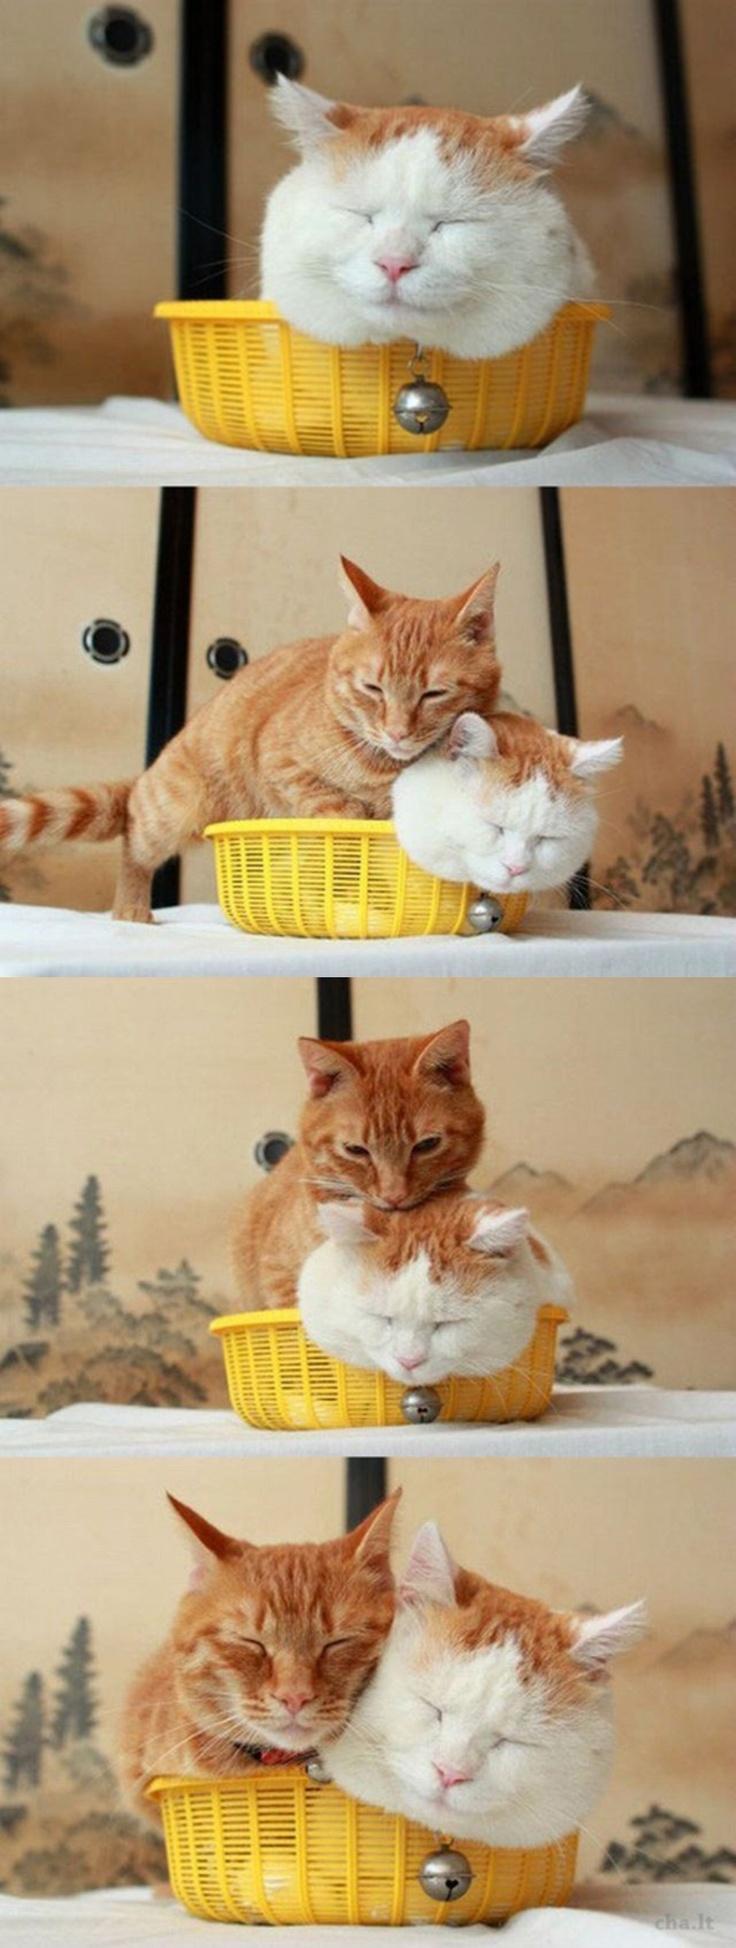 gatos gordos y ricos, los amoooo